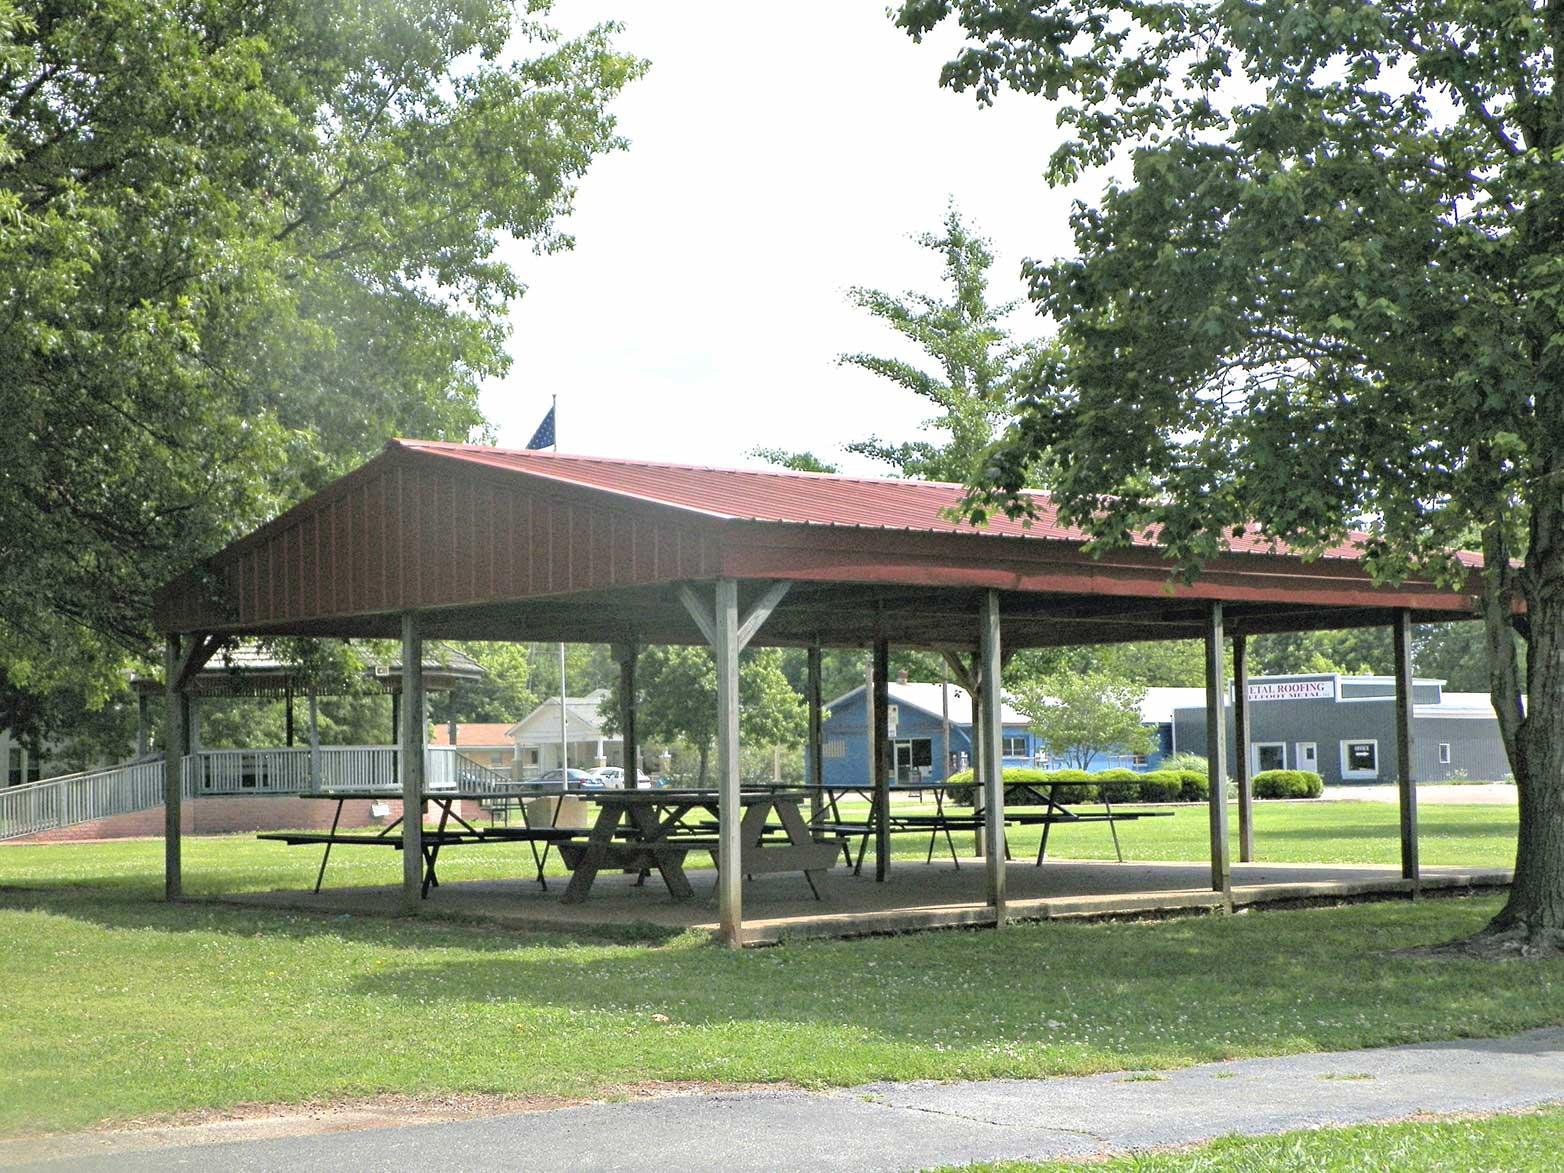 Indian Park - Pavilions